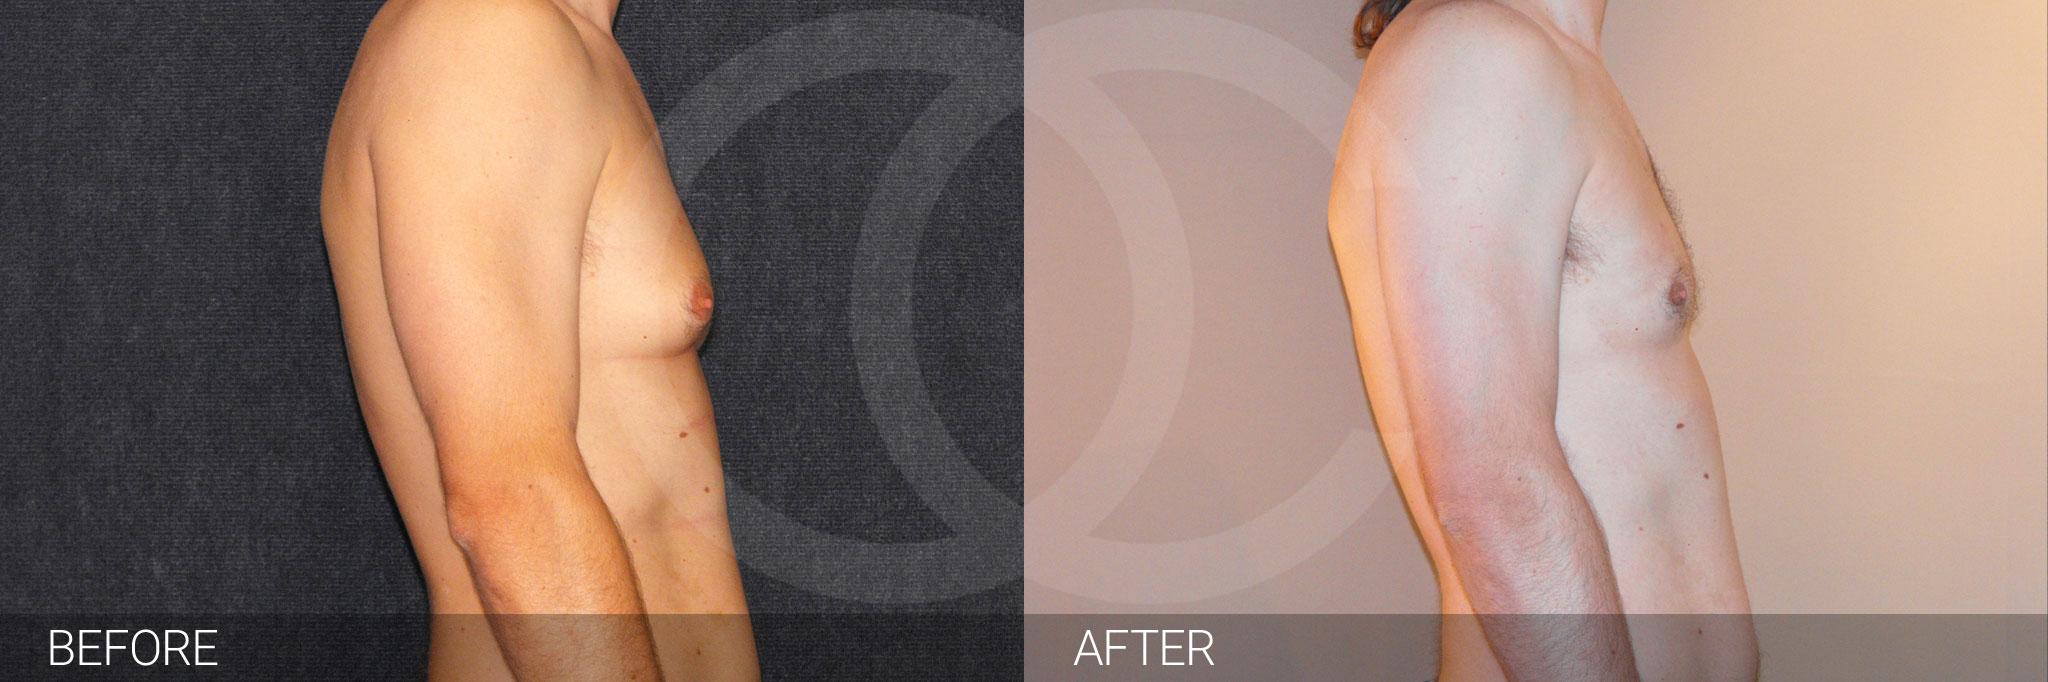 Gynecomastia with liposuction ante/post-op III